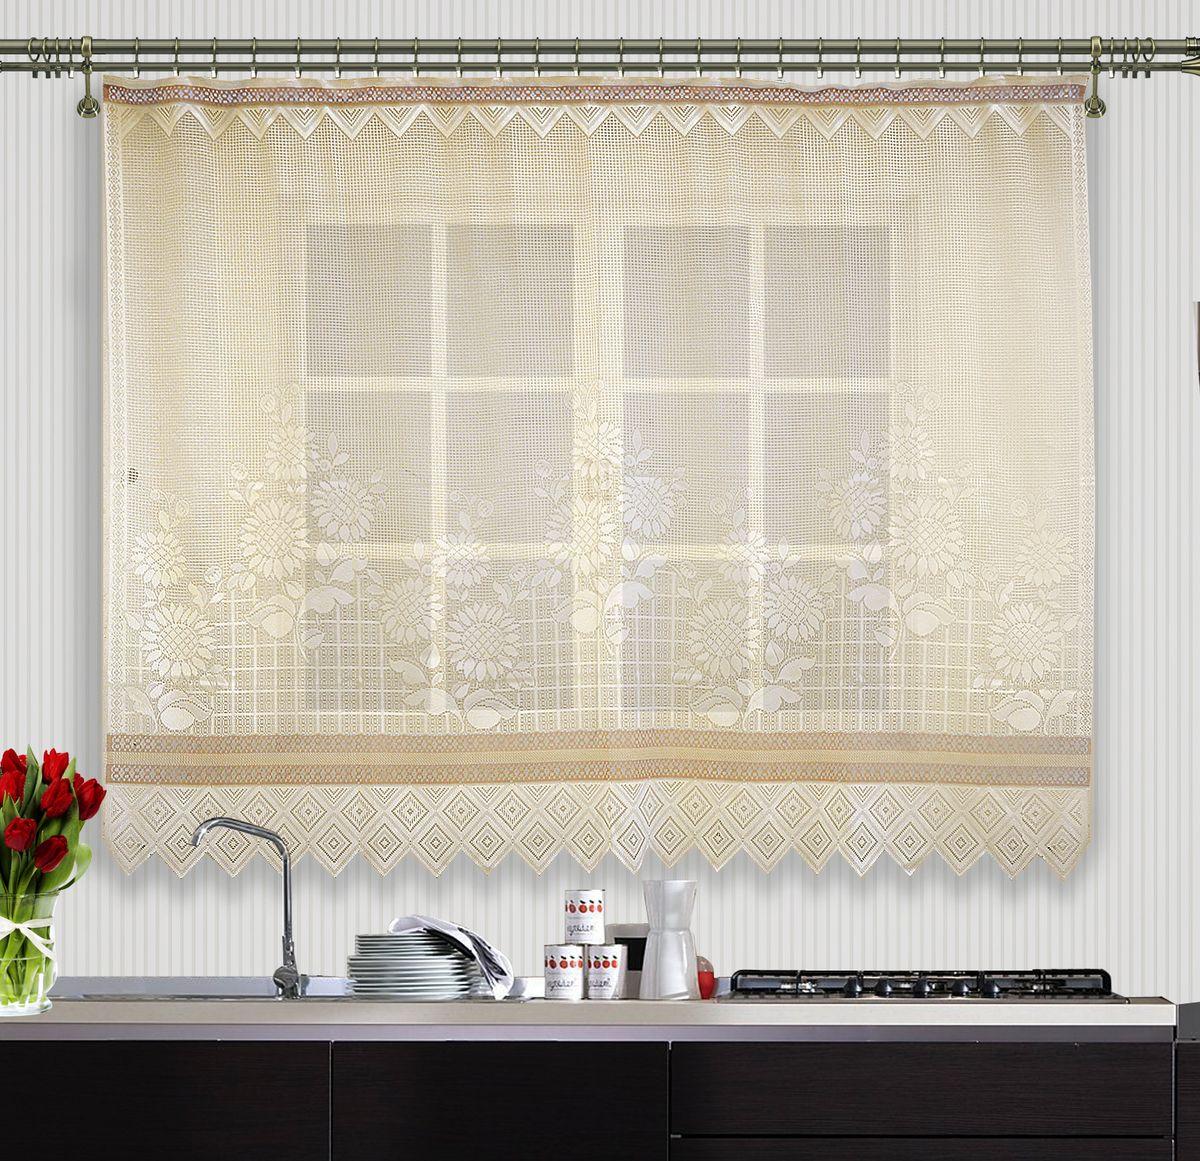 Гардина Zlata Korunka, на зажимах, цвет: кремовый, высота 145 см. 8884688846Гардина Zlata Korunka, изготовленная из высококачественного полиэстера, станет великолепным украшением любого окна. Изящный цветочный узор привлечет к себе внимание и органично впишется в интерьер помещения. Оригинальное оформление гардины внесет разнообразие и подарит заряд положительного настроения.Крепится на зажимах для штор.